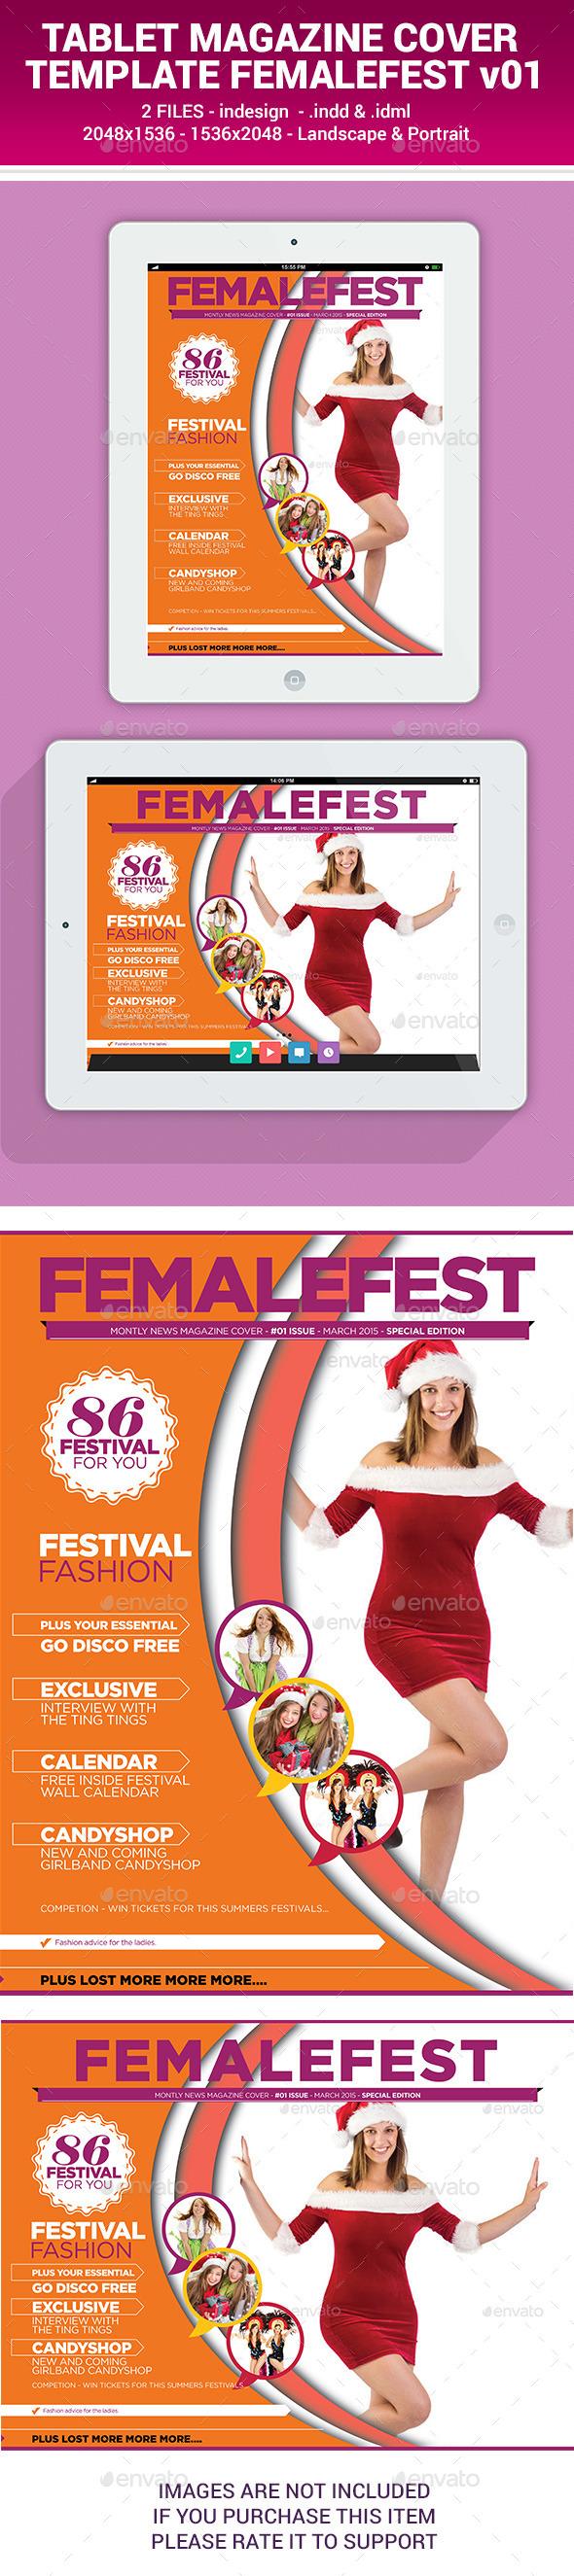 TABLET-MAGAZINE-COVER-PORTRAIT-LANDSCAPE-FEMALEFES